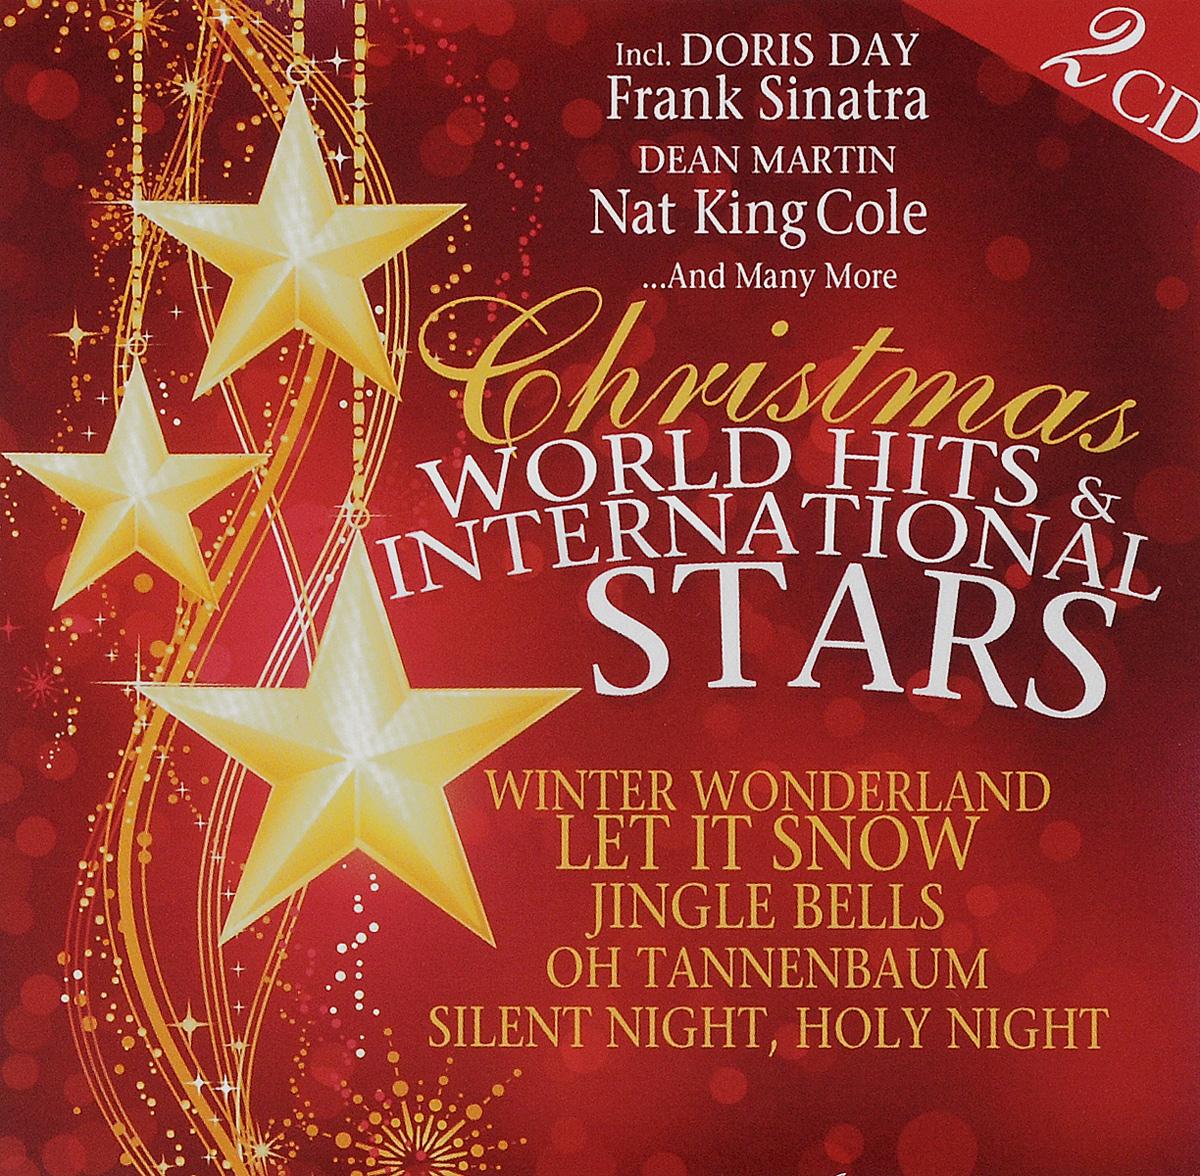 Фрэнк Синатра Christmas World Hits & Internationale Stars (2 CD) массимо фарао piano world hits 2 cd